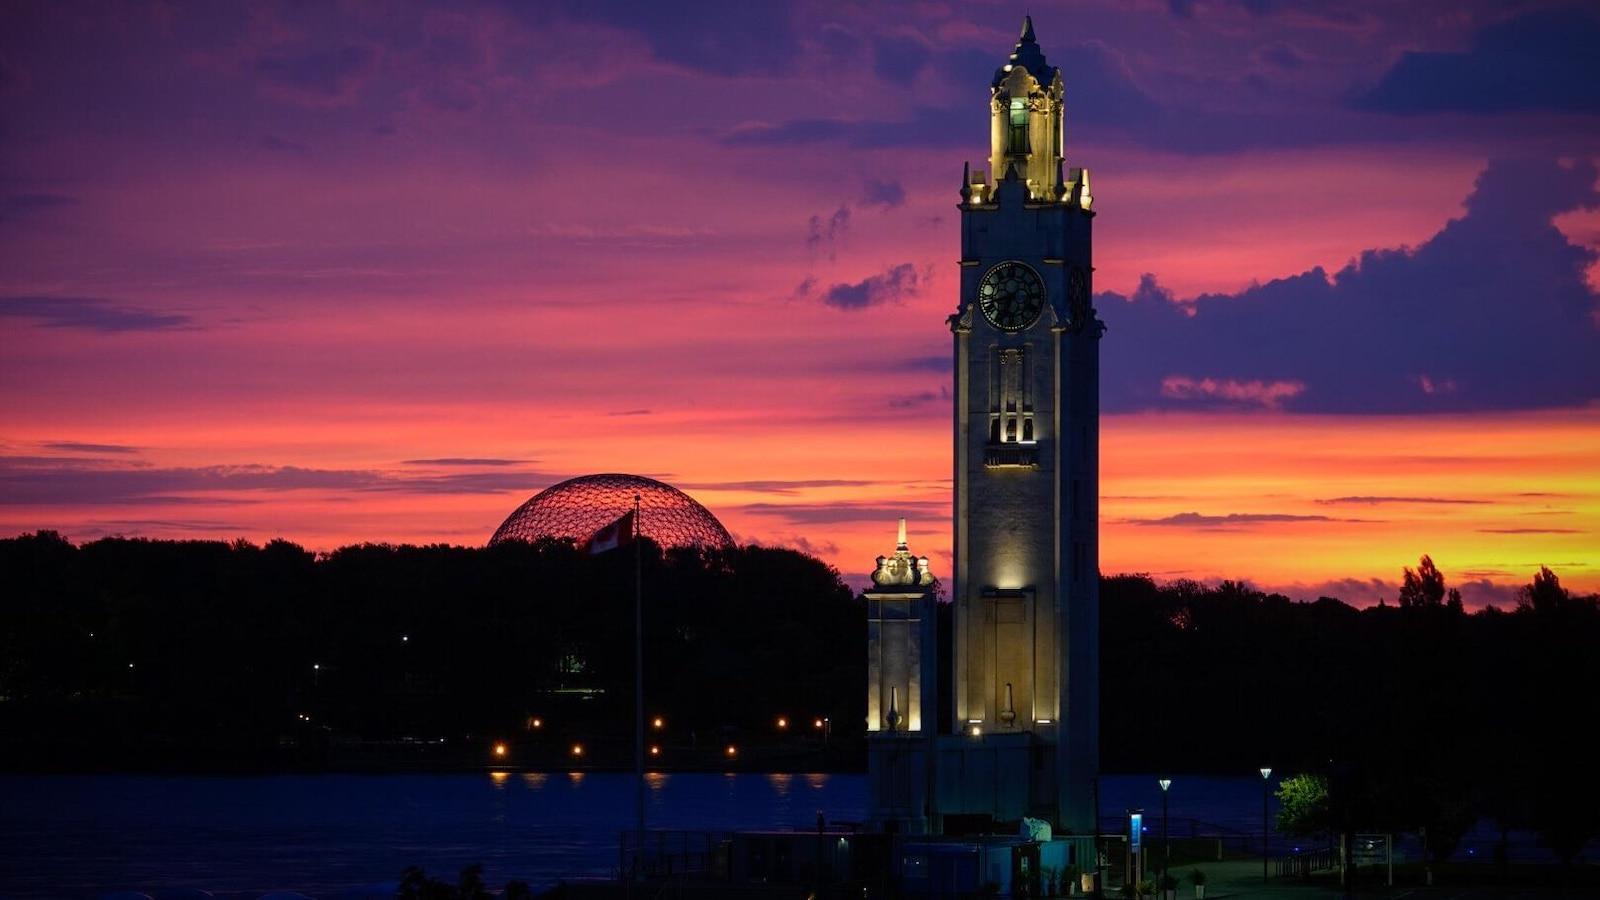 La tour de l'Horloge, au Vieux-Port de Montréal, à l'aube, devant la Biosphère au parc Jean-Drapeau.